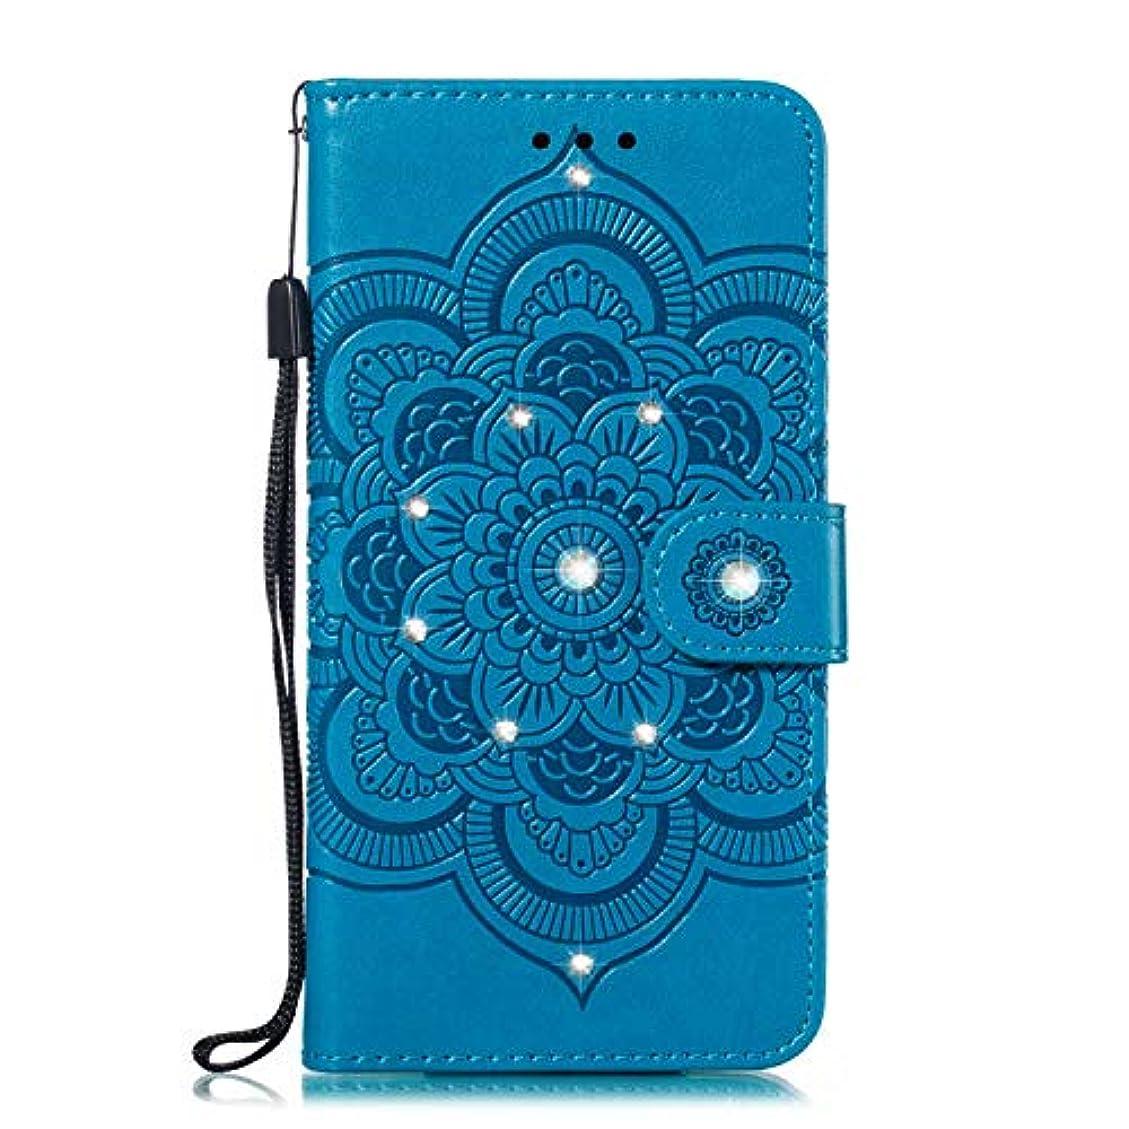 無視する記念品充電OMATENTI Huawei Honor 10 ケース 手帳型 かわいい レディース用 合皮PUレザー 財布型 保護ケース ザー カード収納 スタンド 機能 マグネット 人気 高品質 ダイヤモンドの輝き マンダラのエンボス加工 ケース, 青